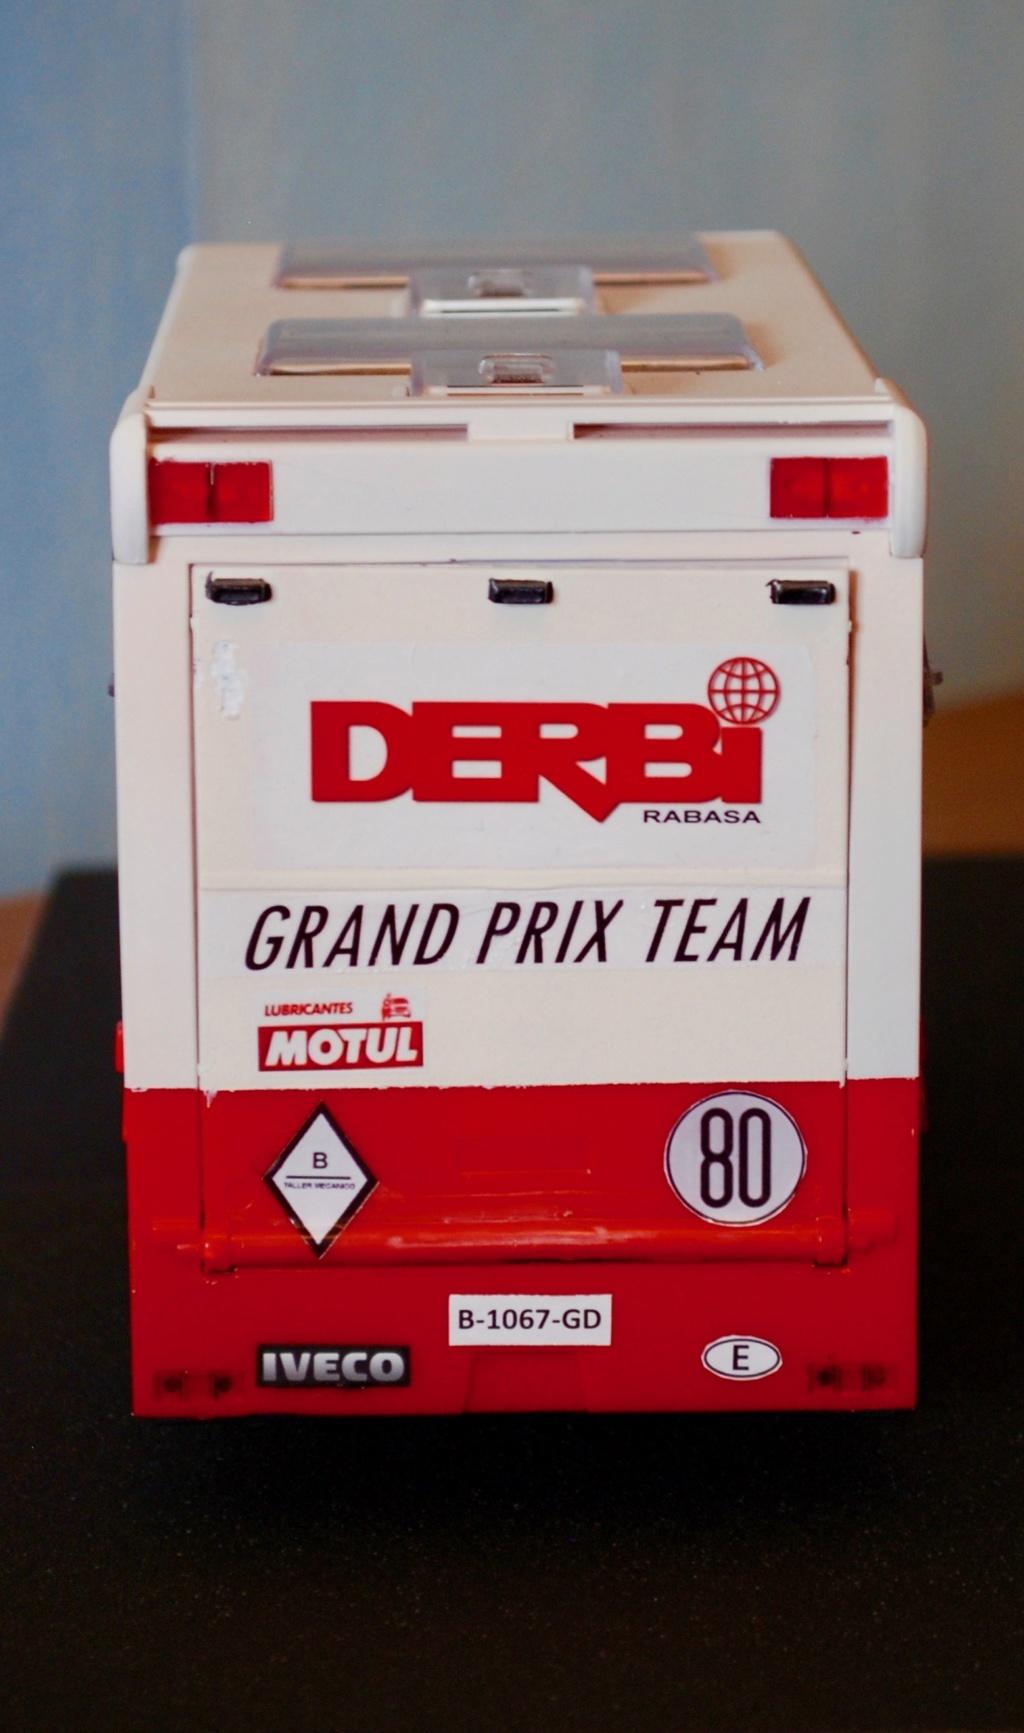 Camión Grandes Premios equipo Derbi - Página 2 Furgoa26